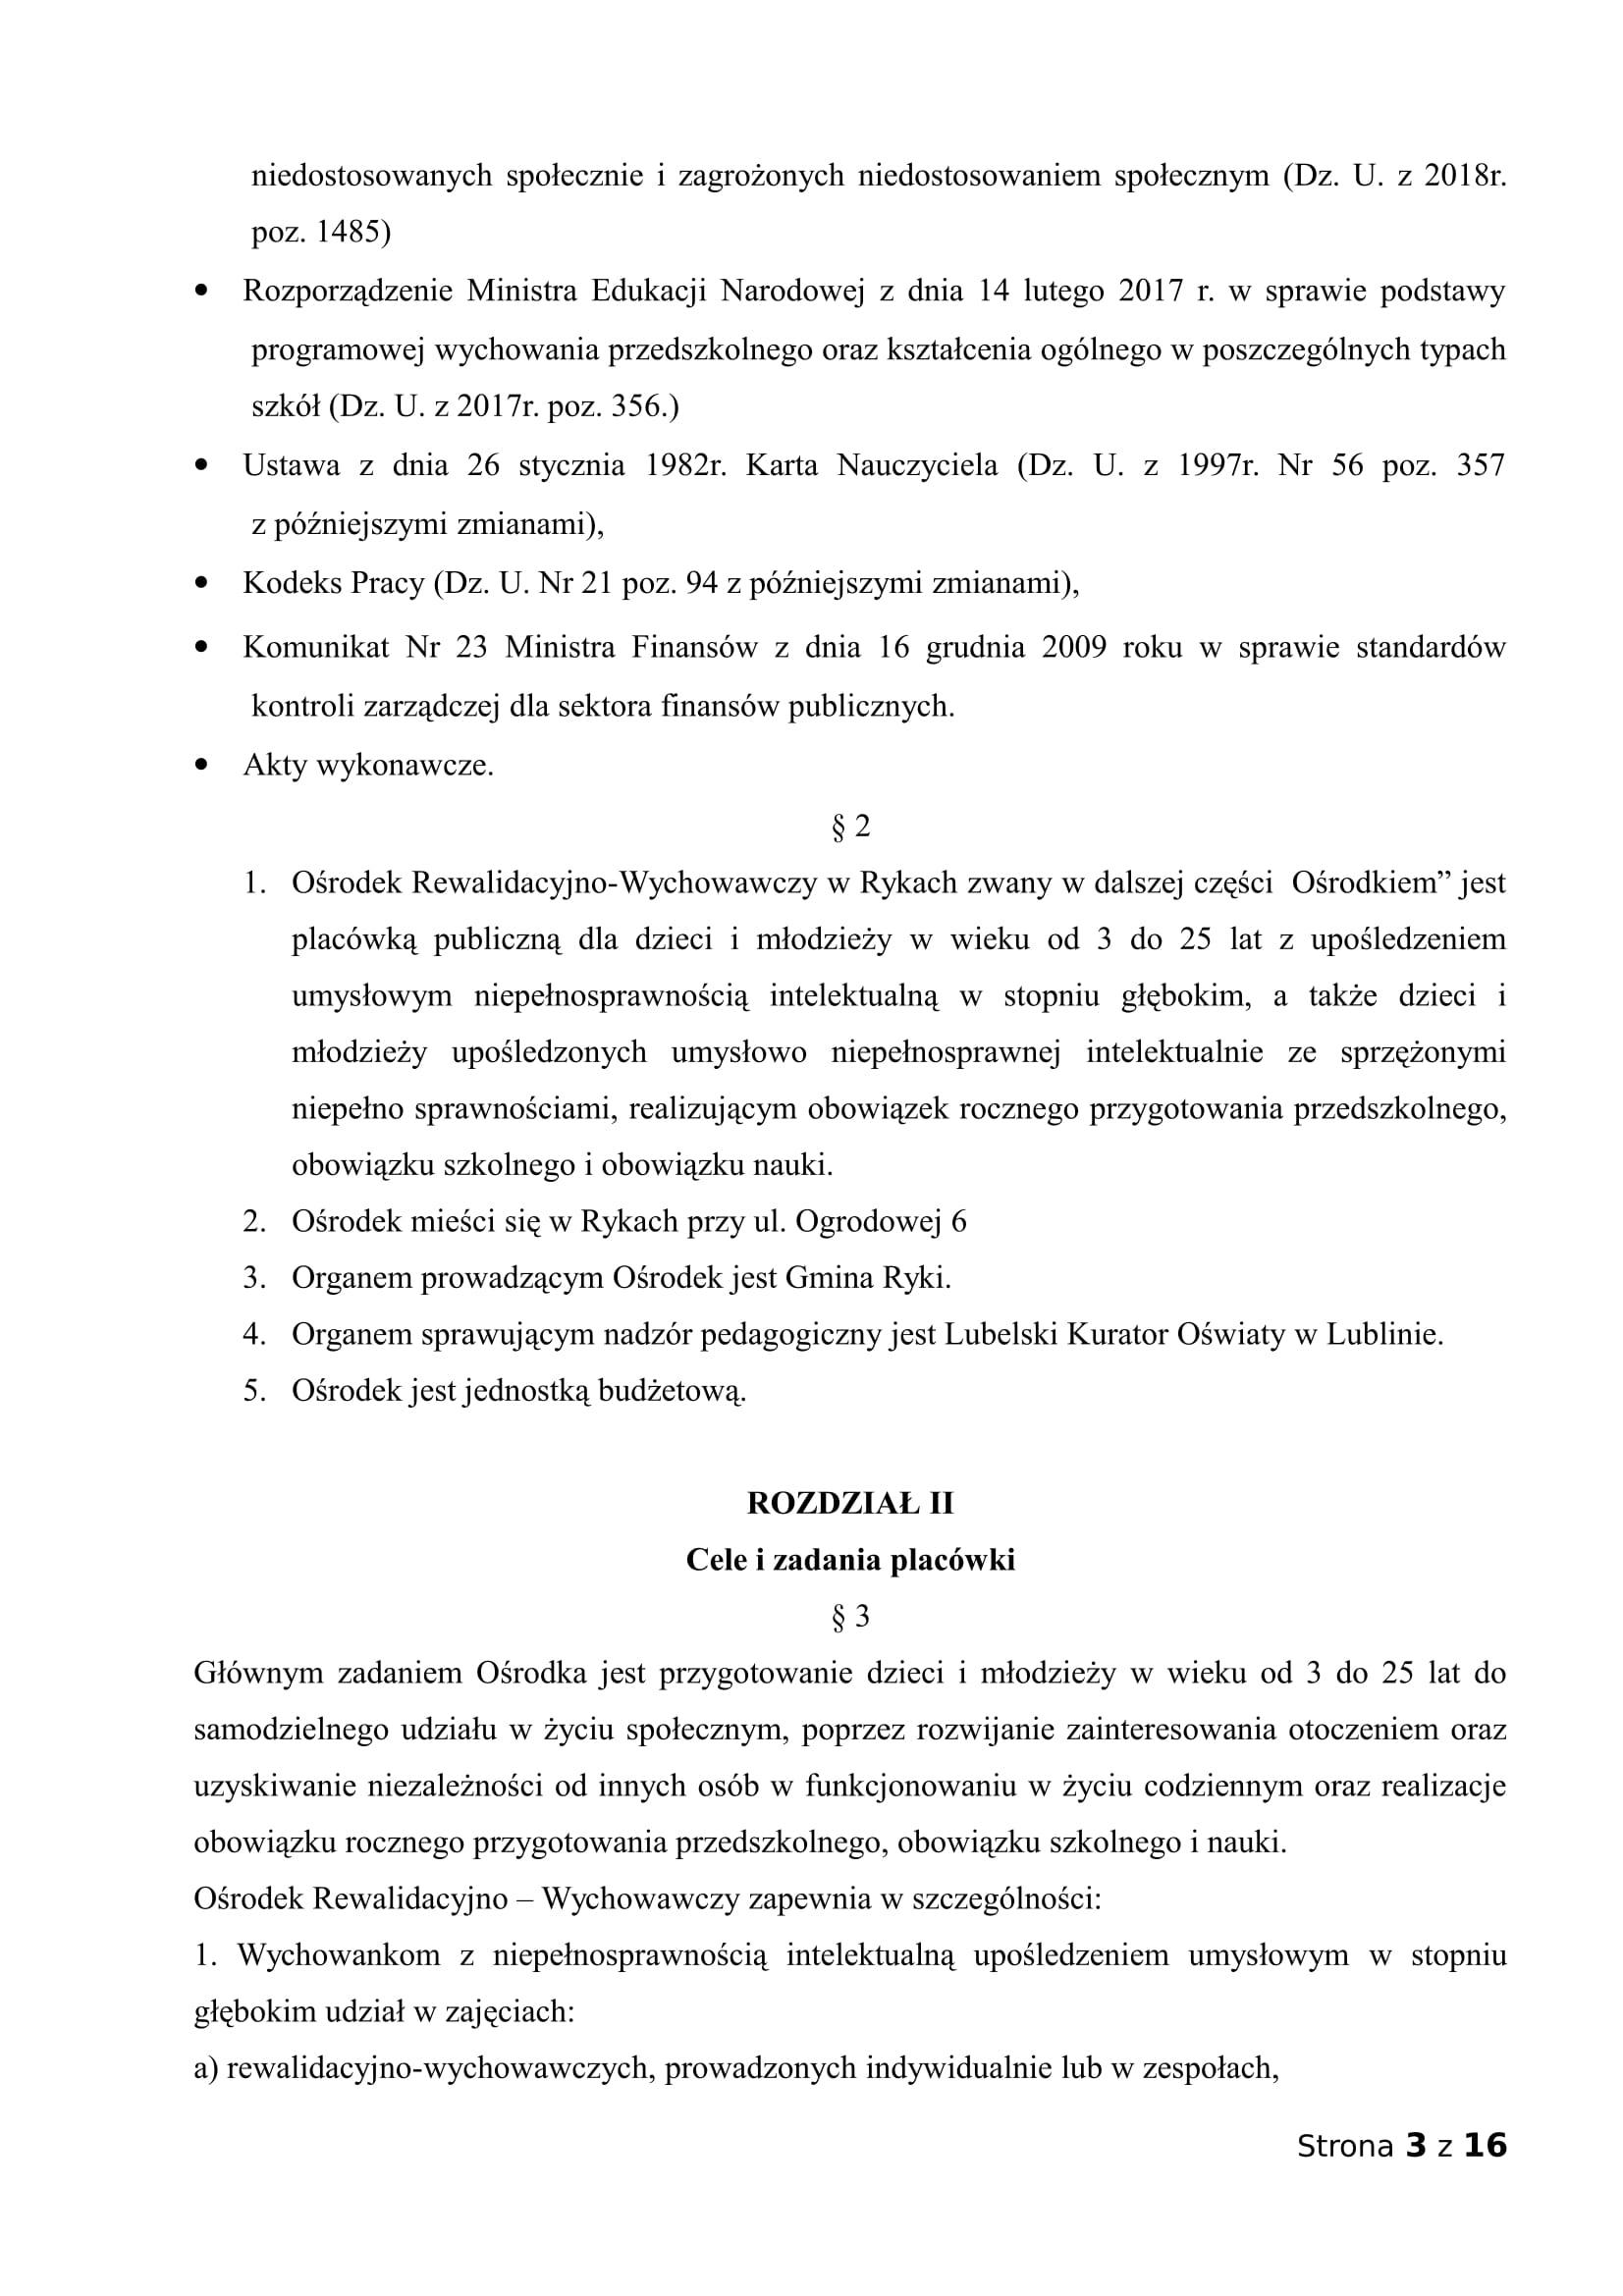 STATUT 2018-2019 poprawiony-03